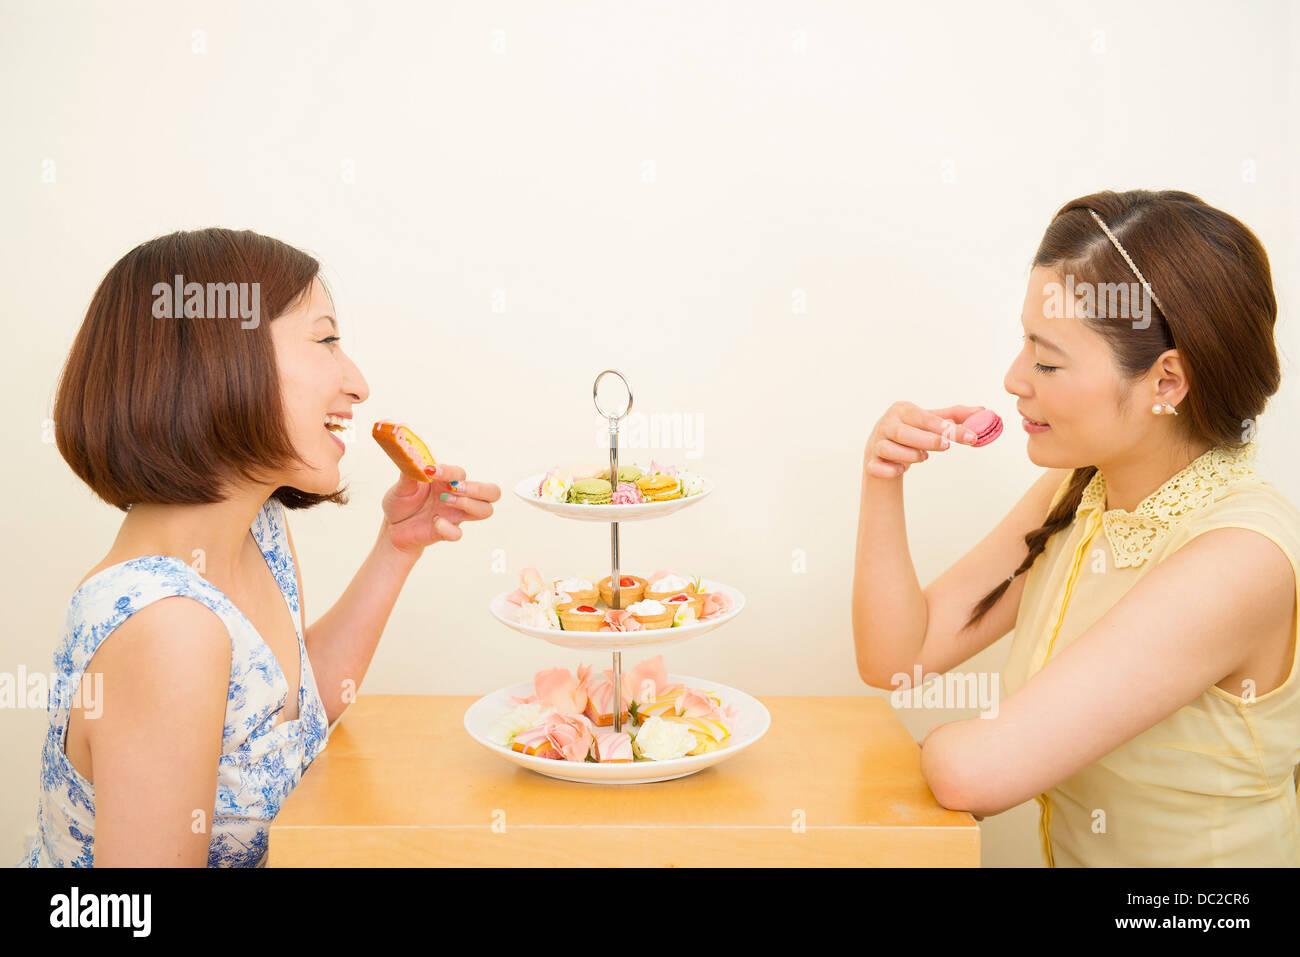 Zwei glückliche Frauen genießen Dessert aus drei abgestuften Kuchenplatte Stockbild